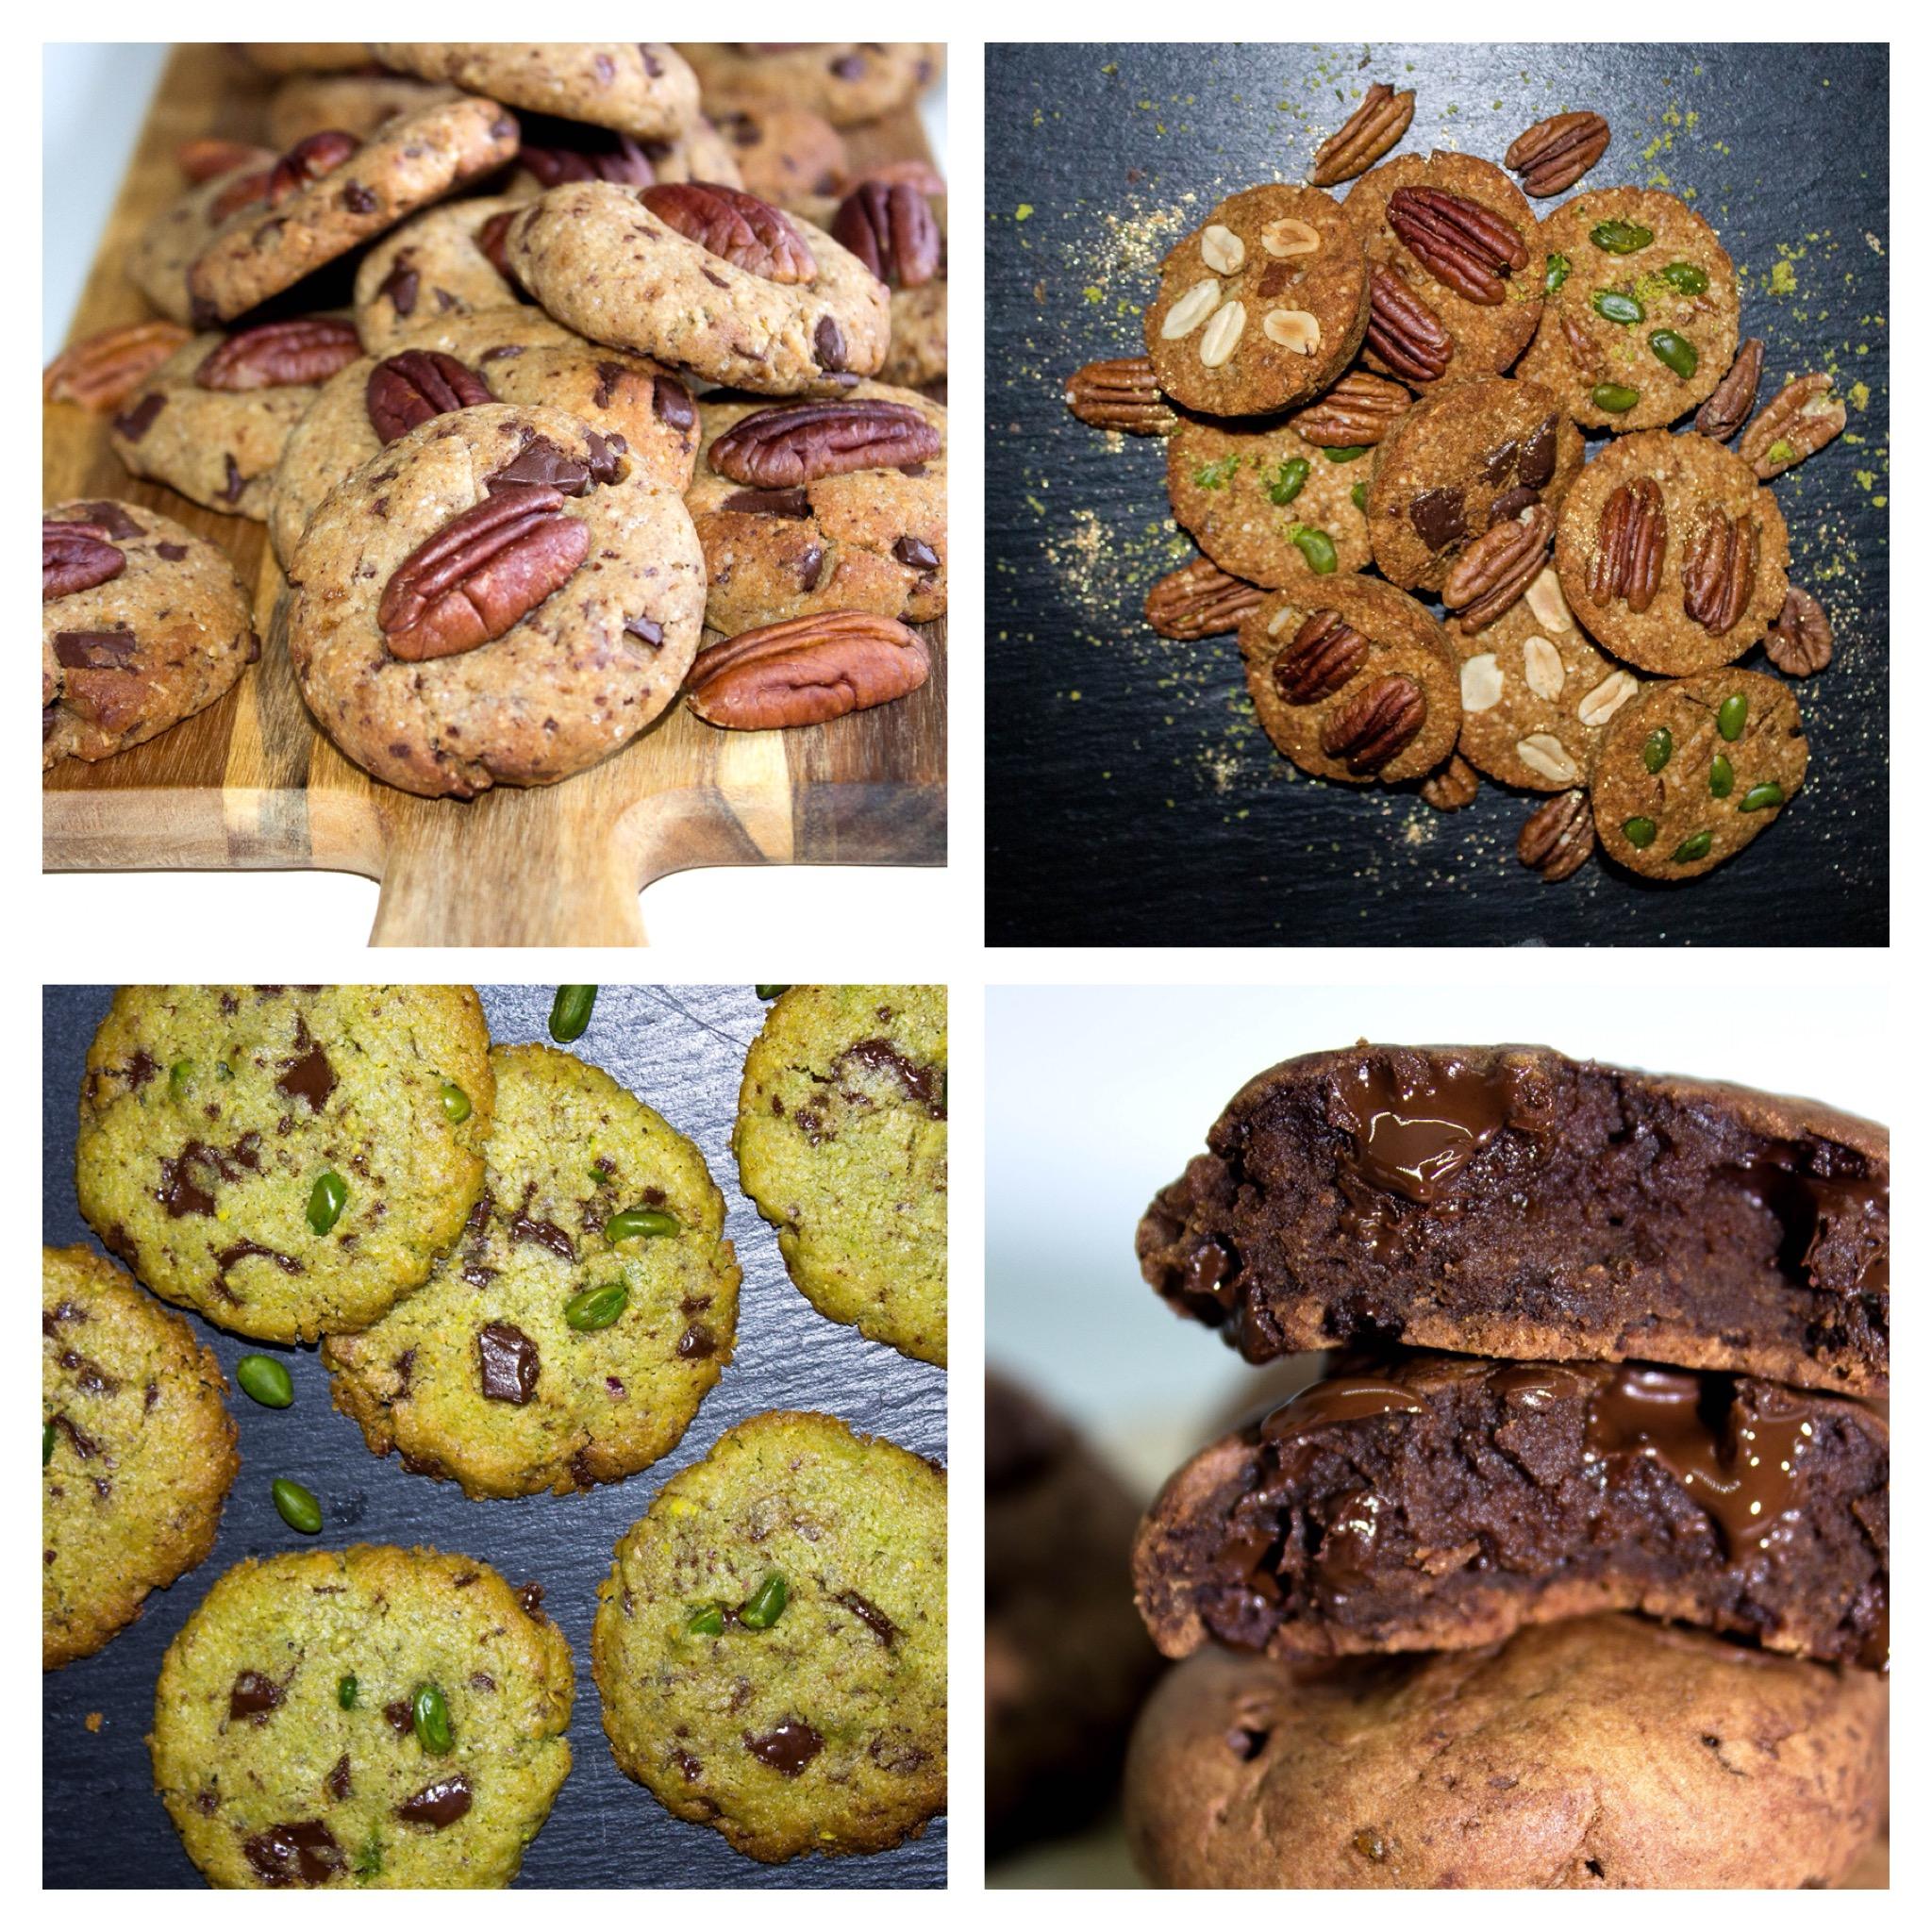 FIT_-_image_assortiment_de_cookies-1533279742.jpg